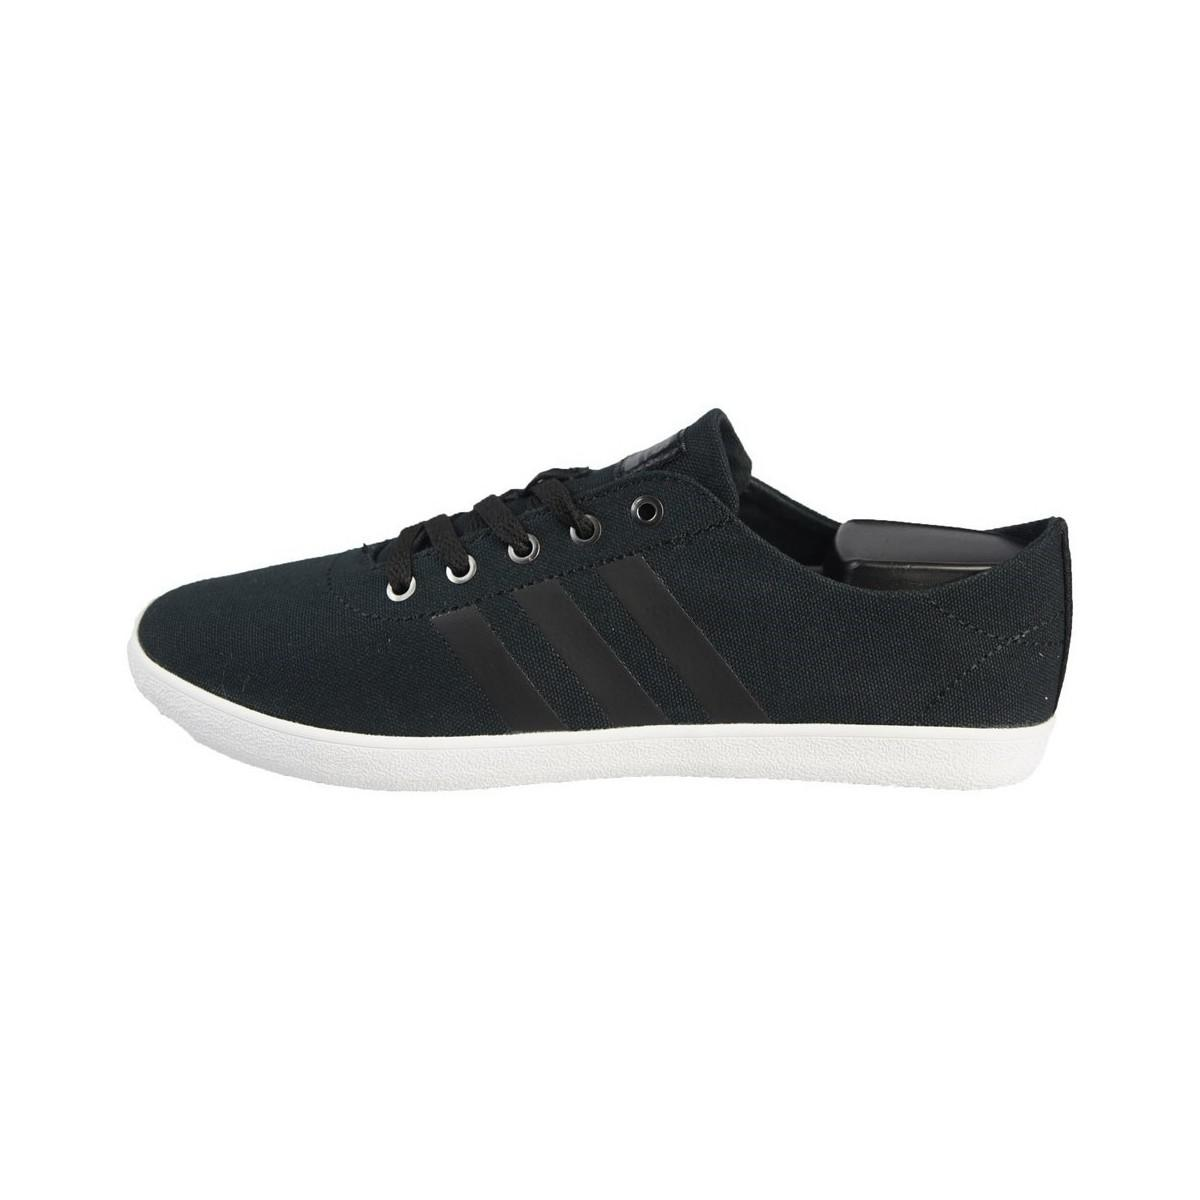 premium selection a6c69 c8979 adidas. Cloudfoam Qt Vulc W Womens Shoes (trainers) ...